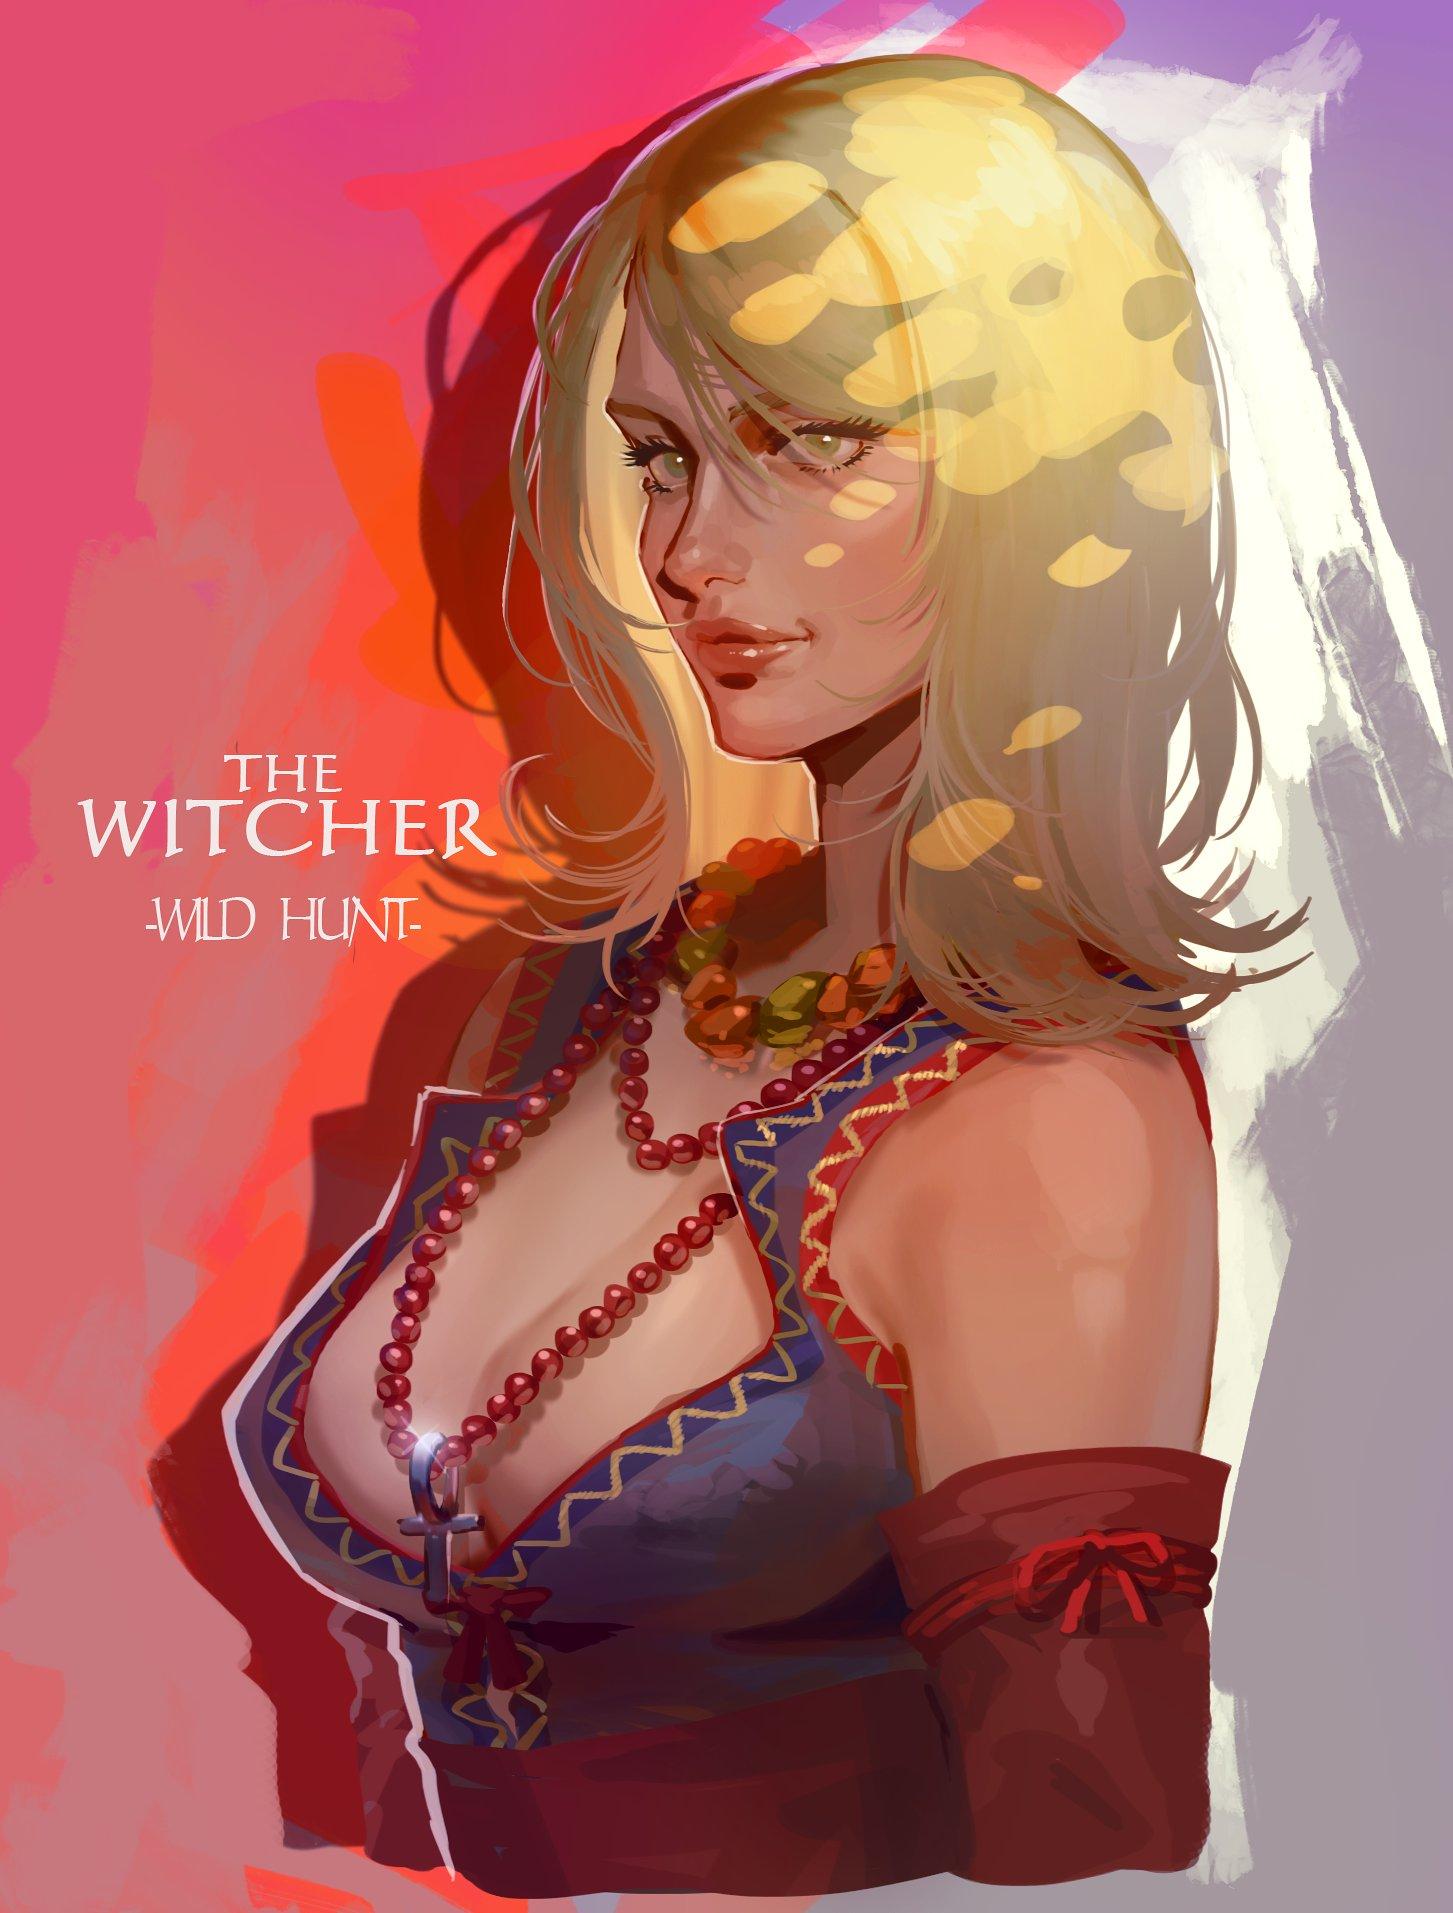 oPDS4SIHDx8.jpg - The Witcher 3: Wild Hunt